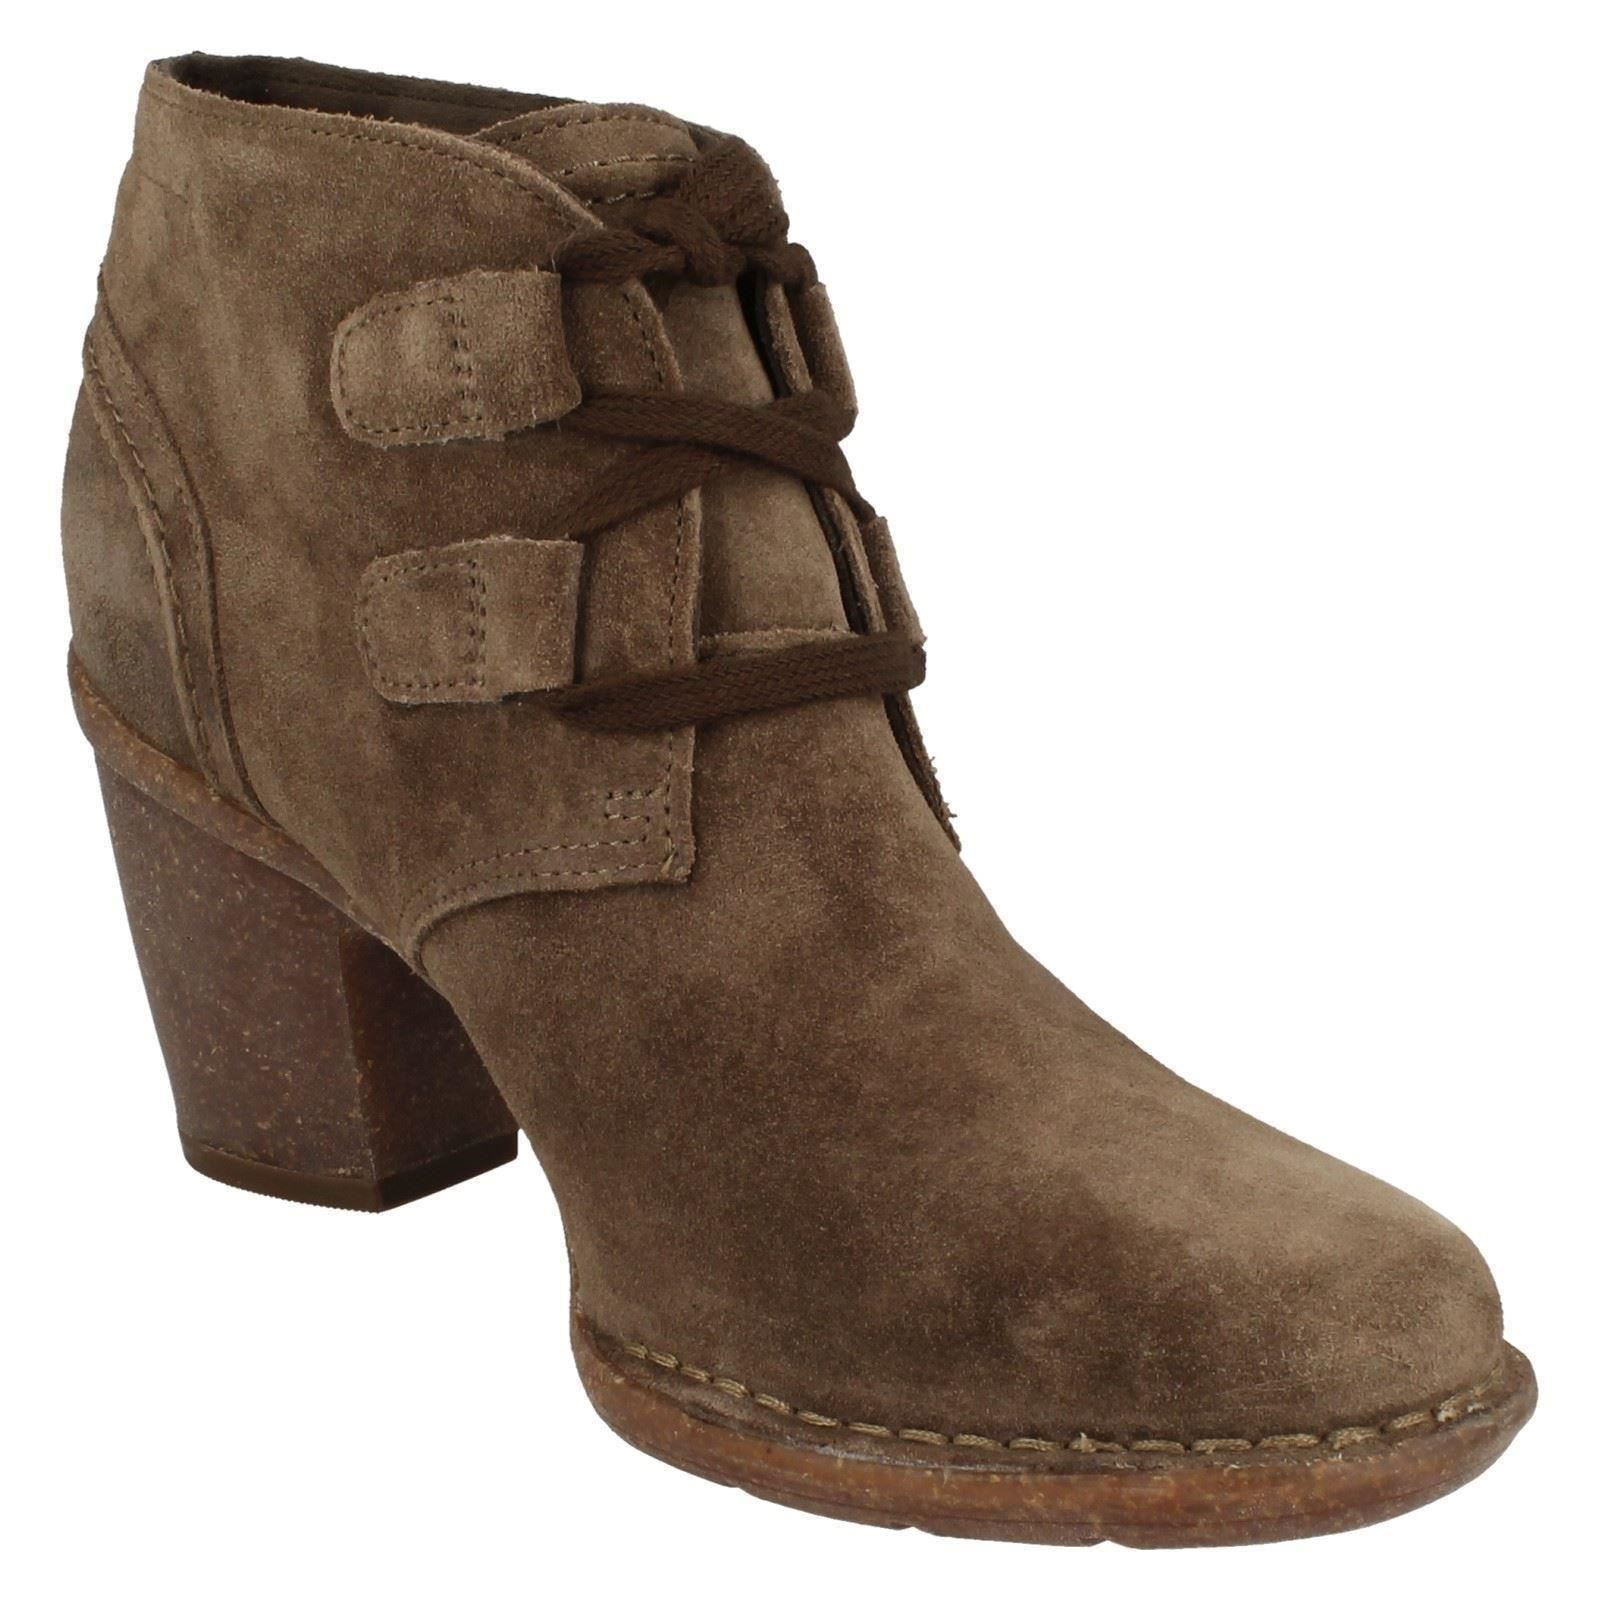 Señoras Encaje Clarks rojoondeado Toe Casual Tacón Alto Alto Alto Tobillo botas De Gamuza carleta Lyon 84a271